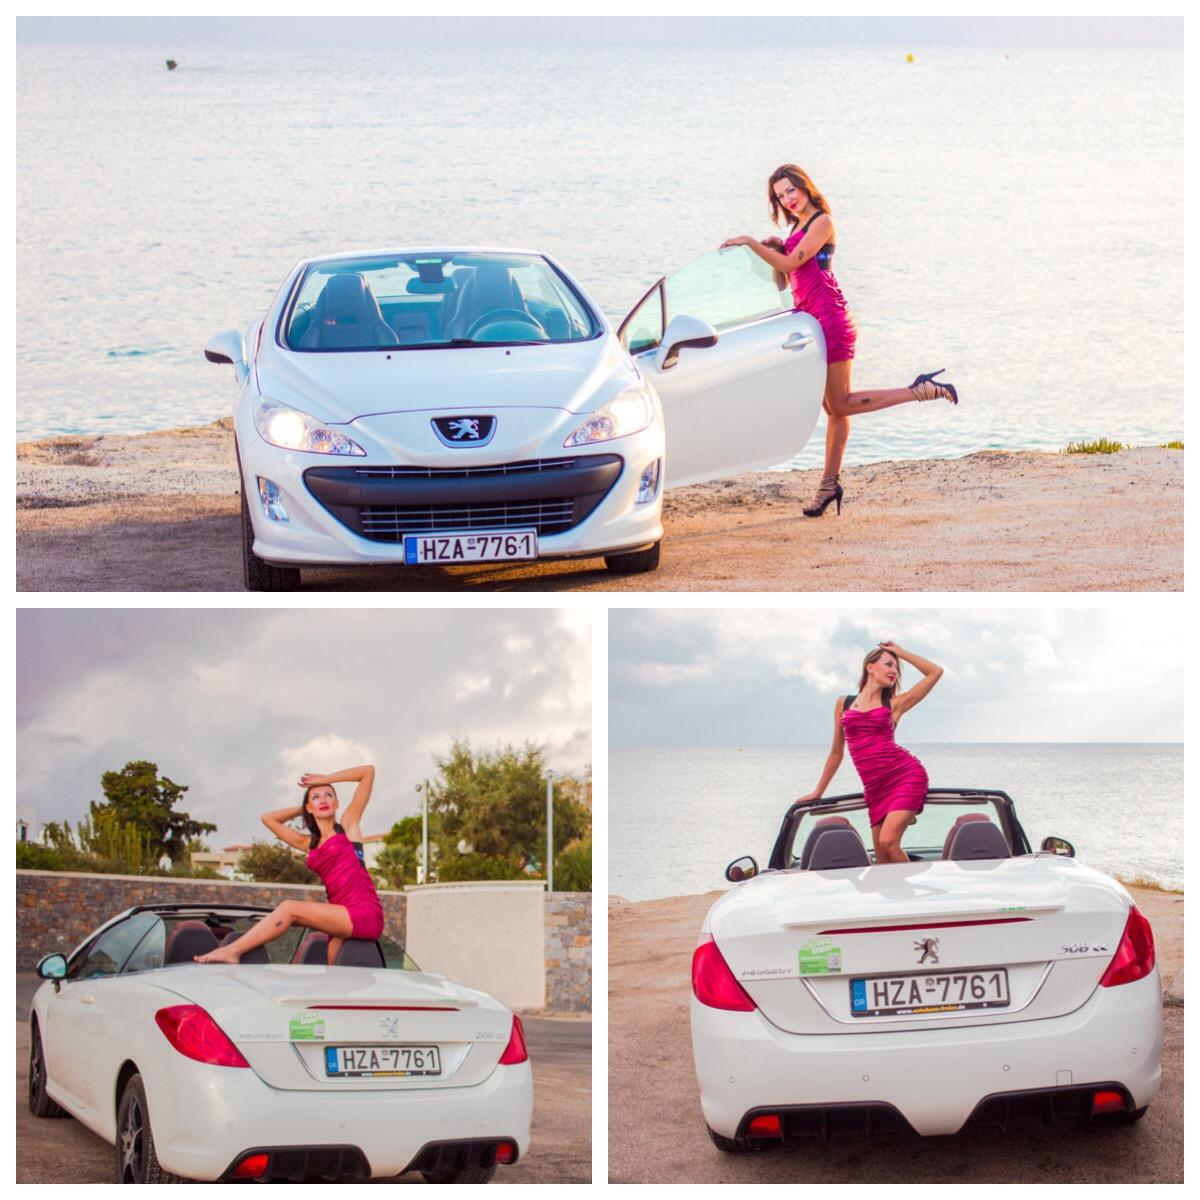 Короткий отзыв об аренде авто от Лина Бронская